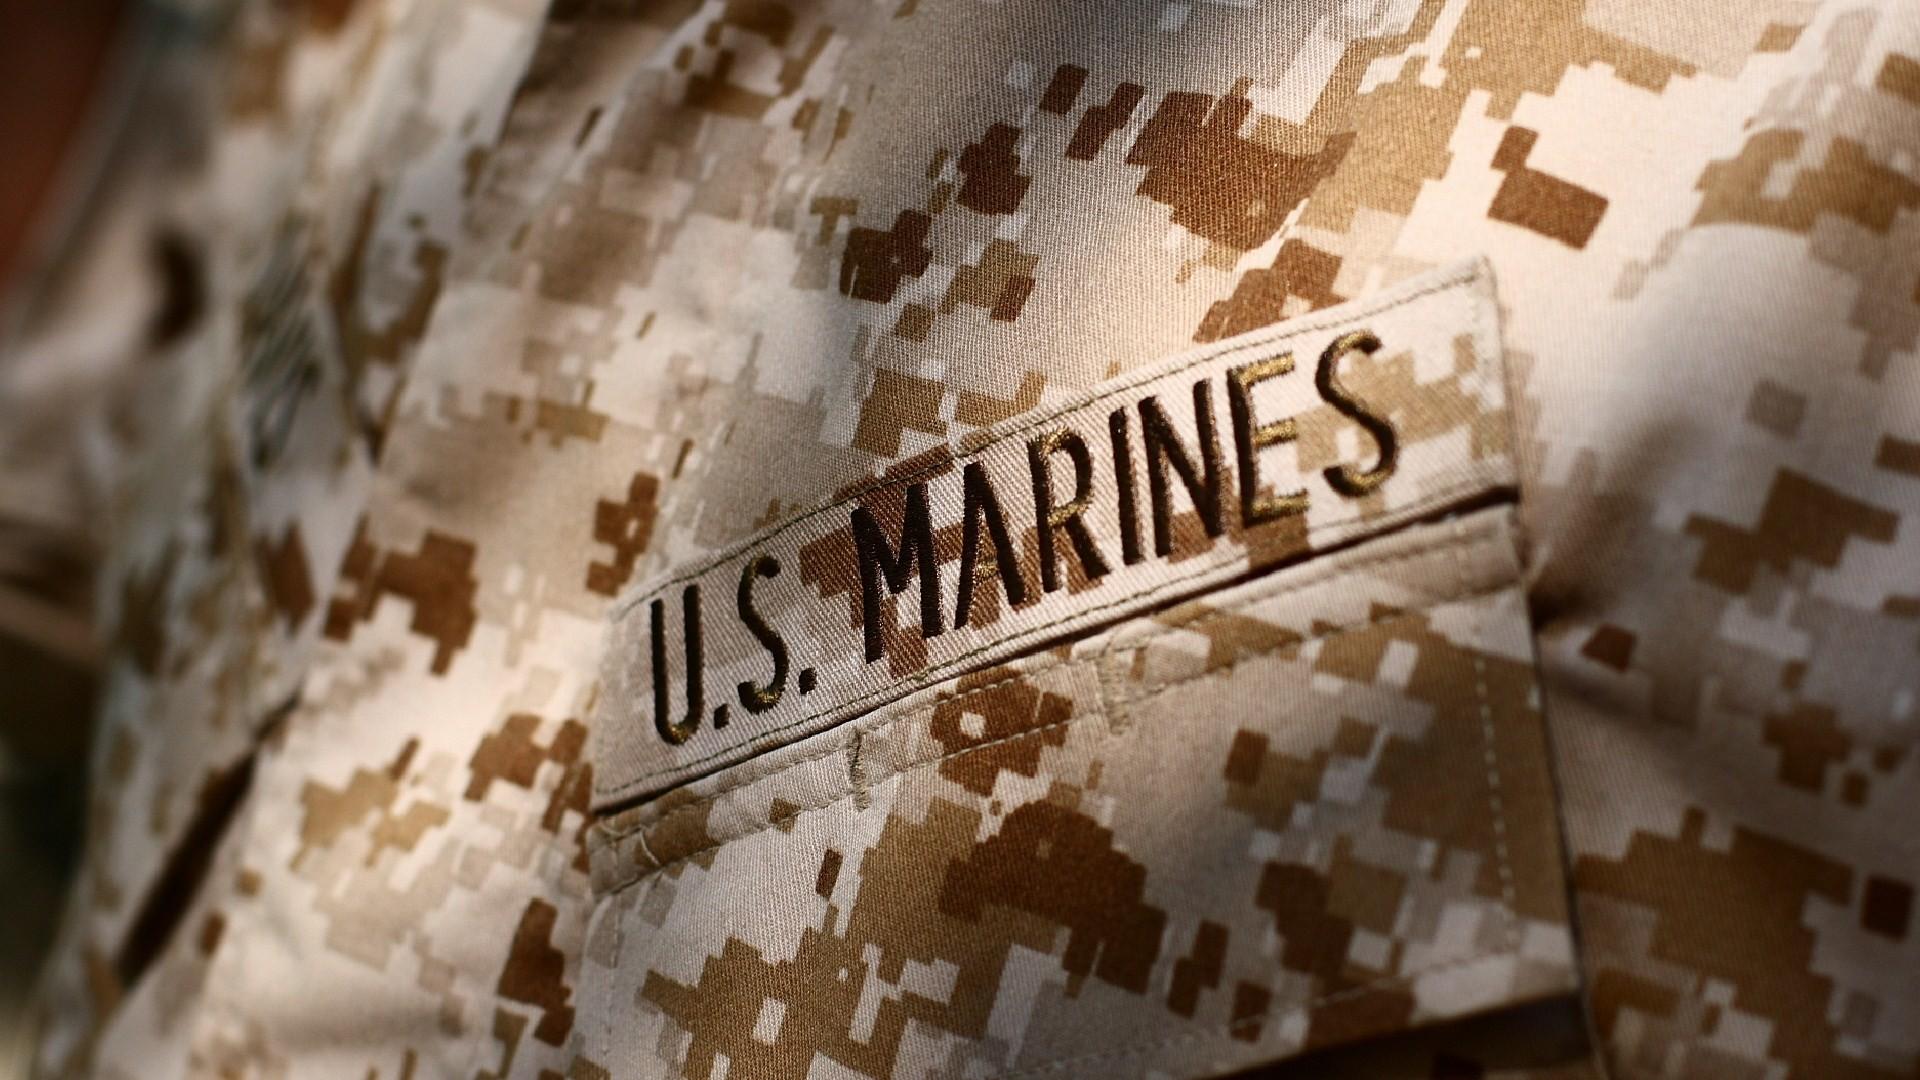 US Army Desktop Backgrounds   Desktop Image